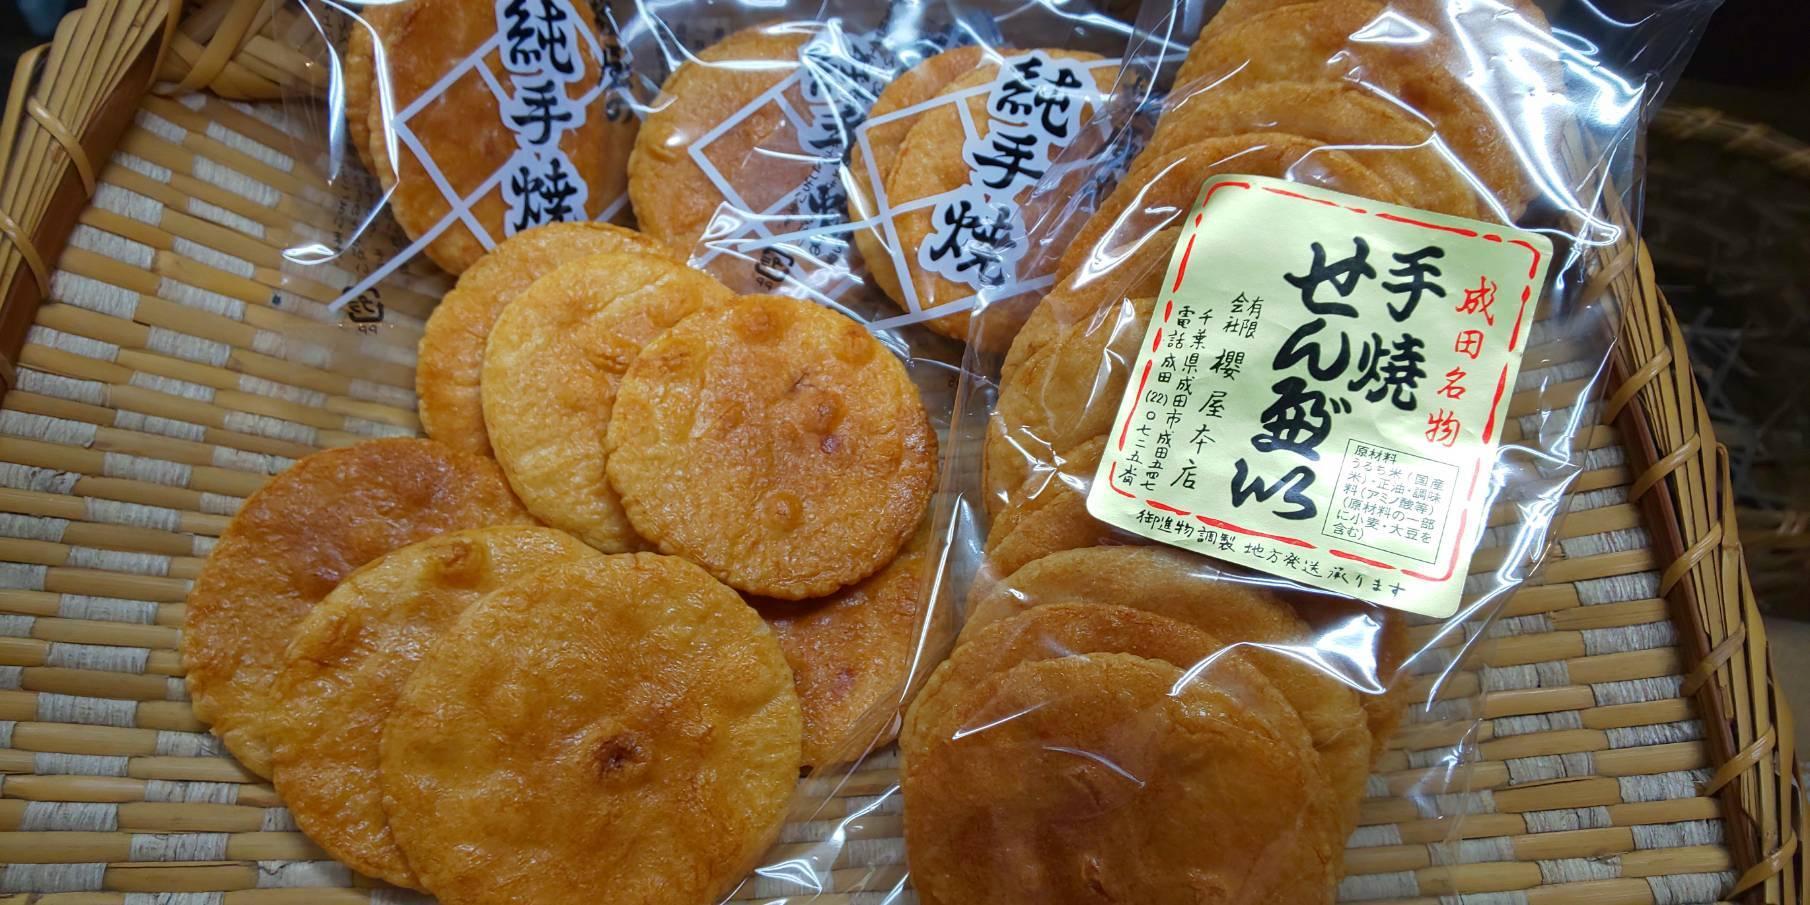 薄焼き(2枚入り10P)